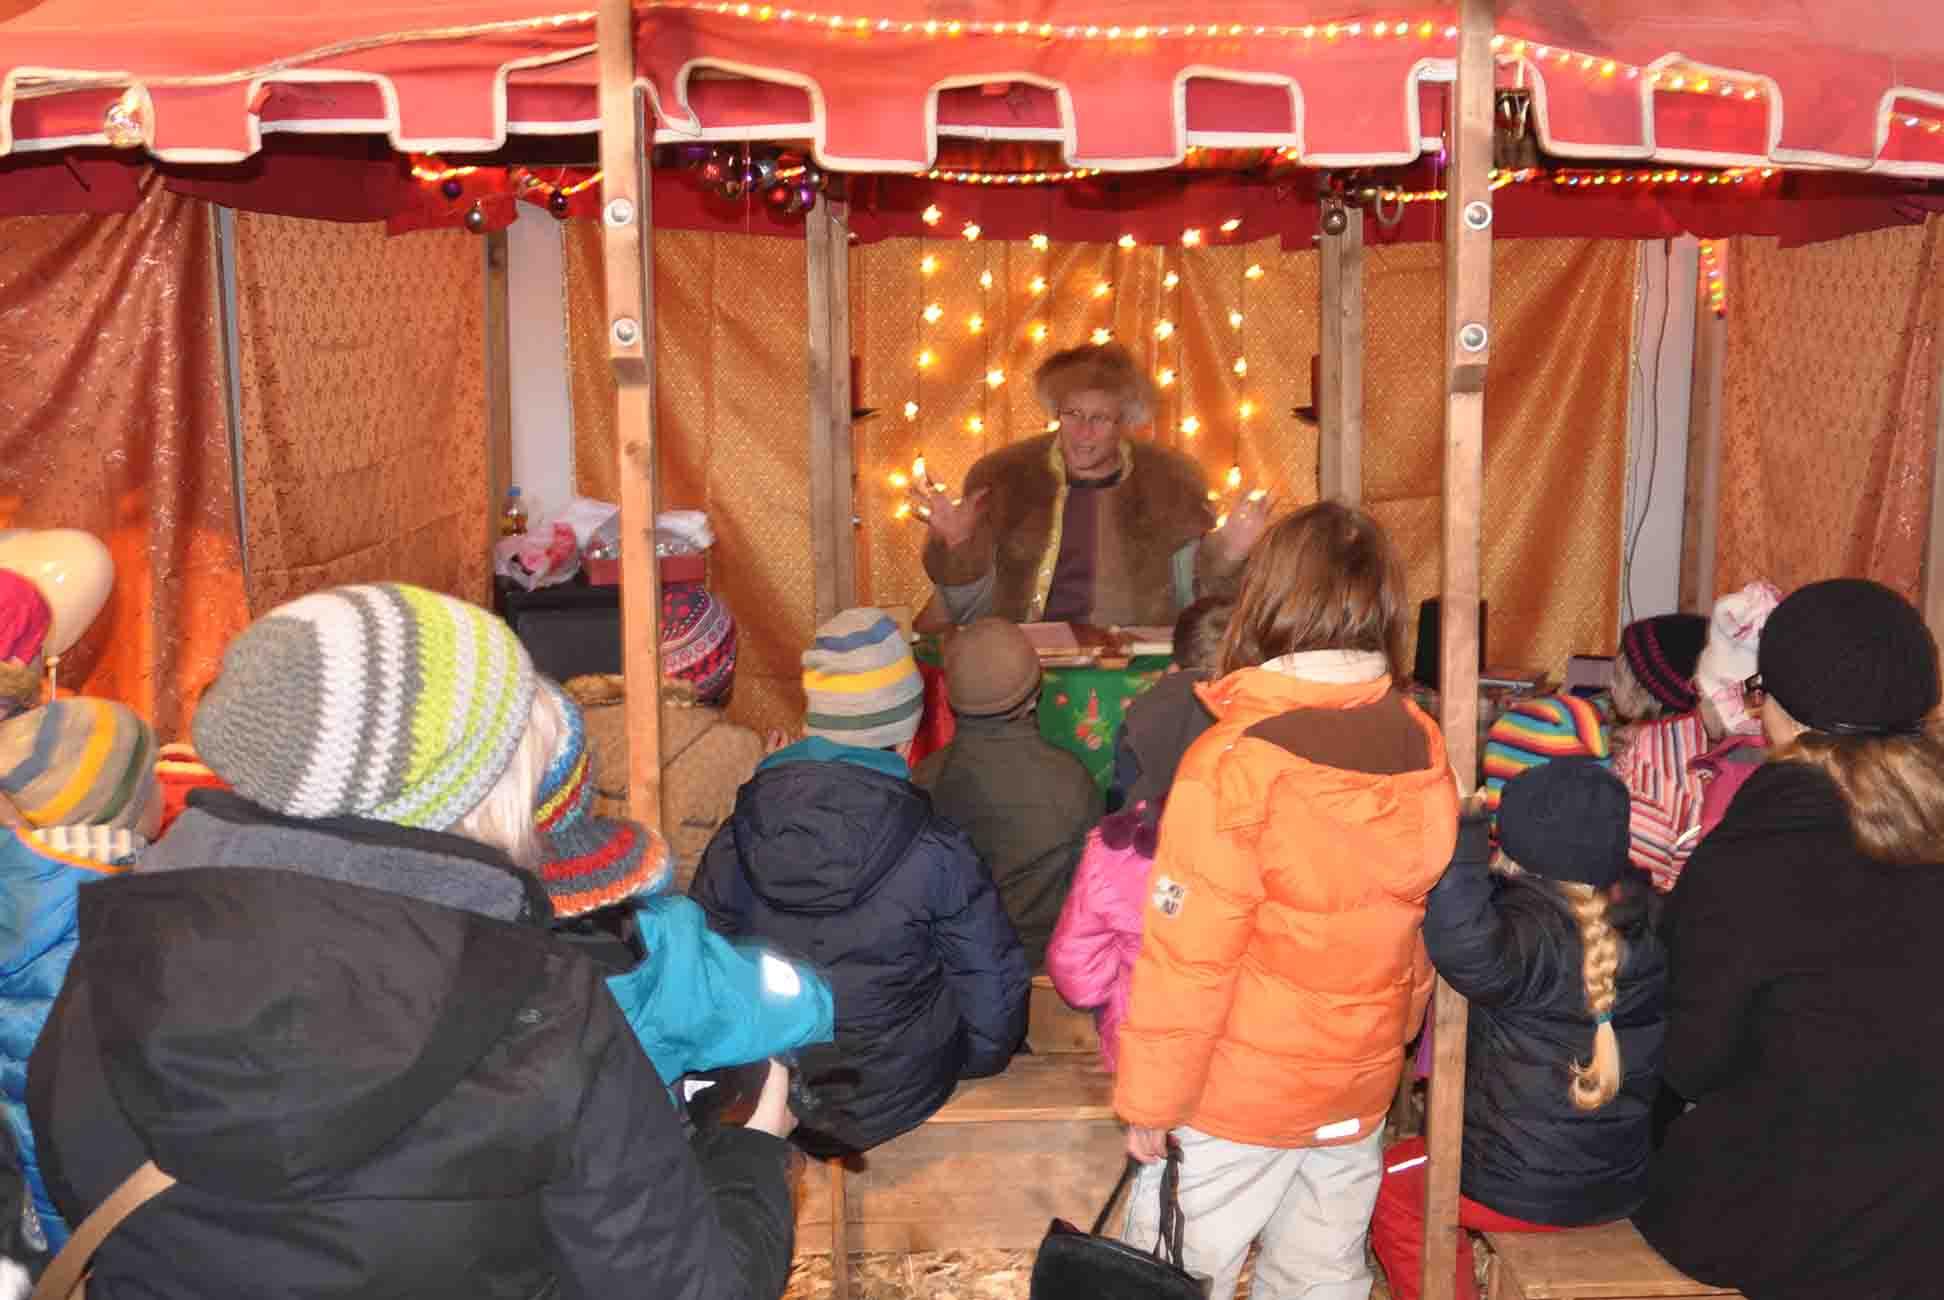 Weihnachtsmarkt Gut Pronstorf Kinderscheune